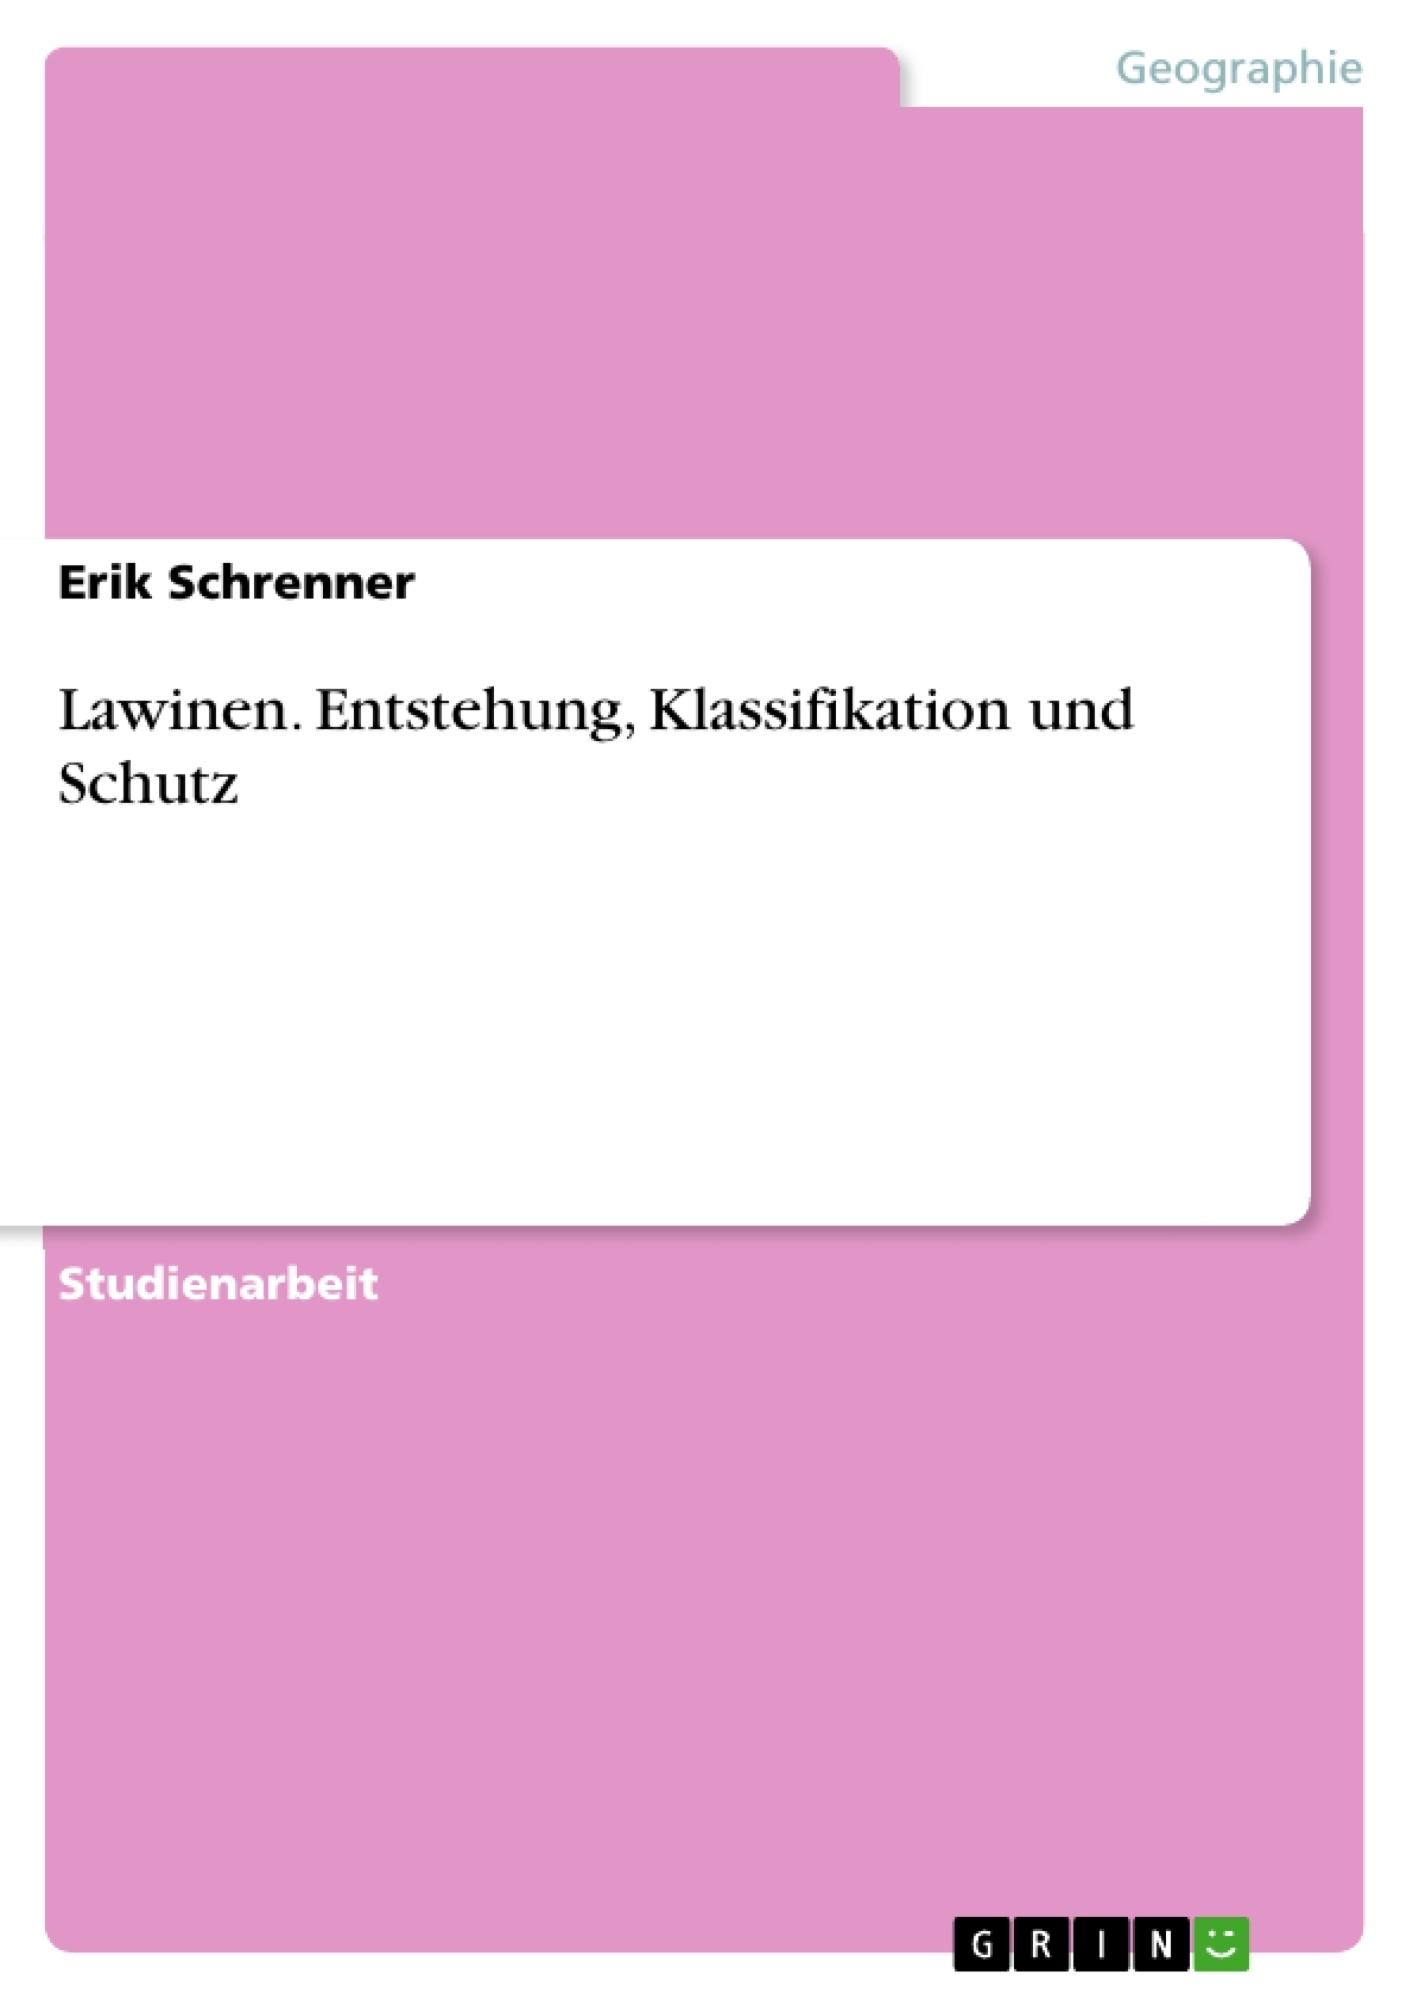 Titel: Lawinen. Entstehung, Klassifikation und Schutz